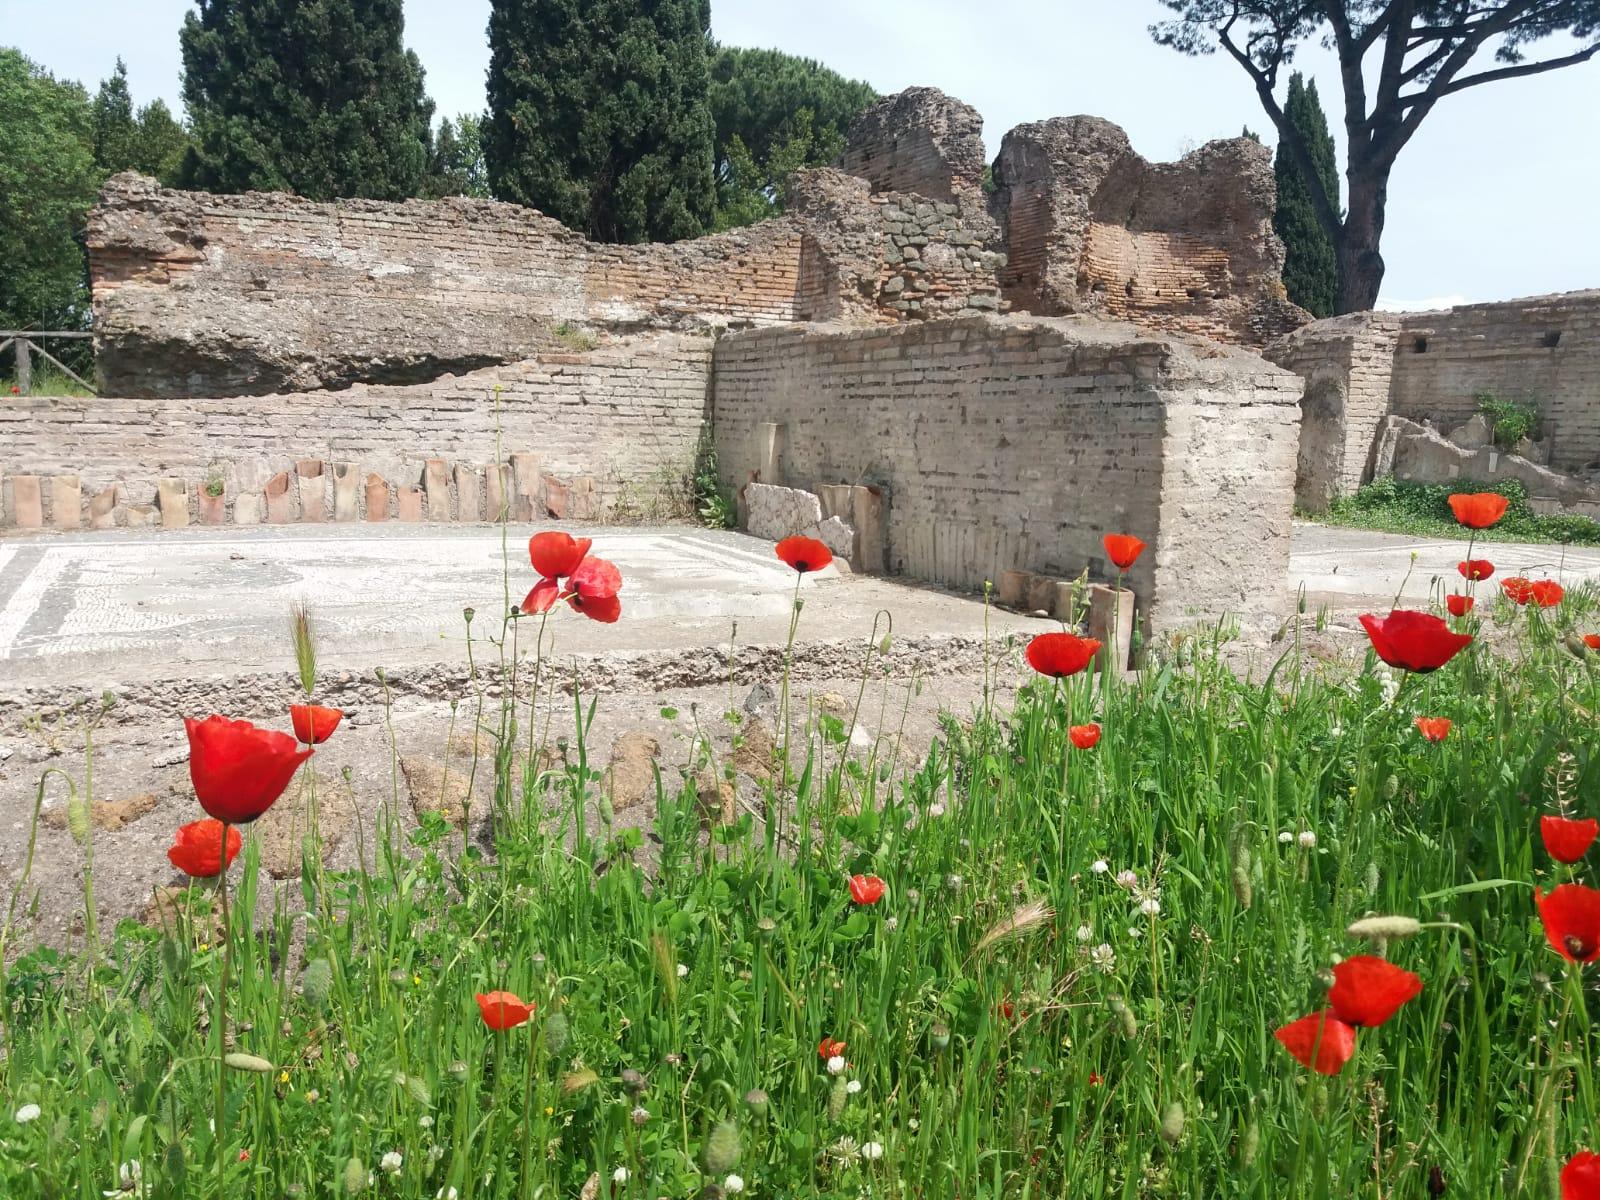 Meraviglia. Il Parco Archeologico dell'Appia Antica fiorisce e si prepara alla riapertura